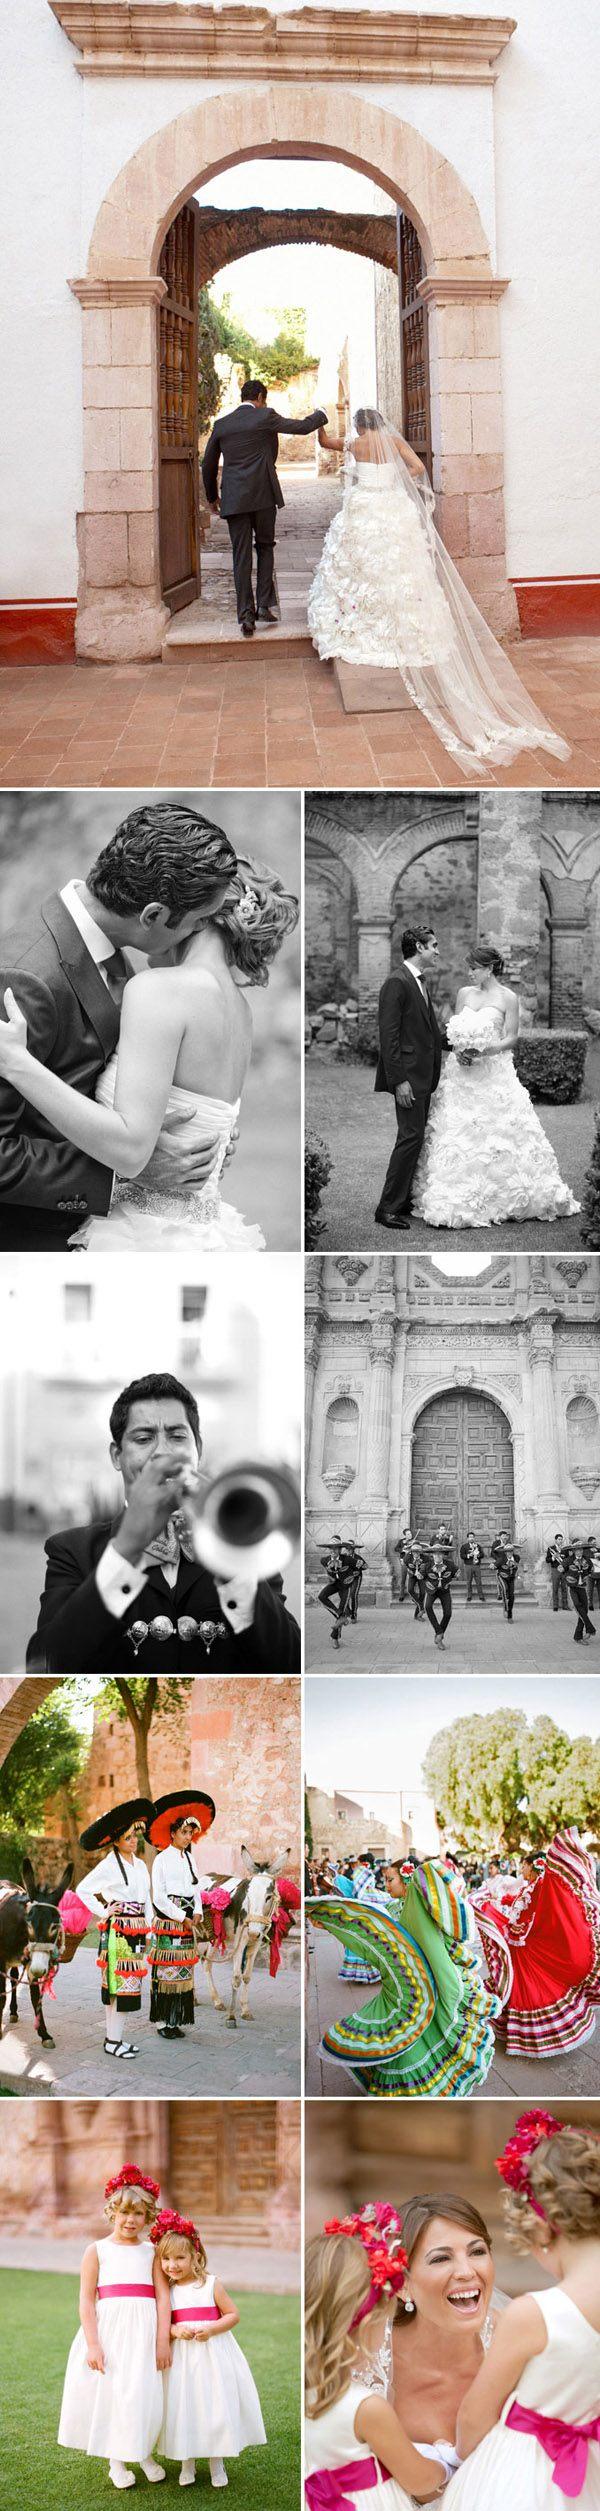 Regina & Zaheen: boda en Zacatecas mexico_5_600x2511